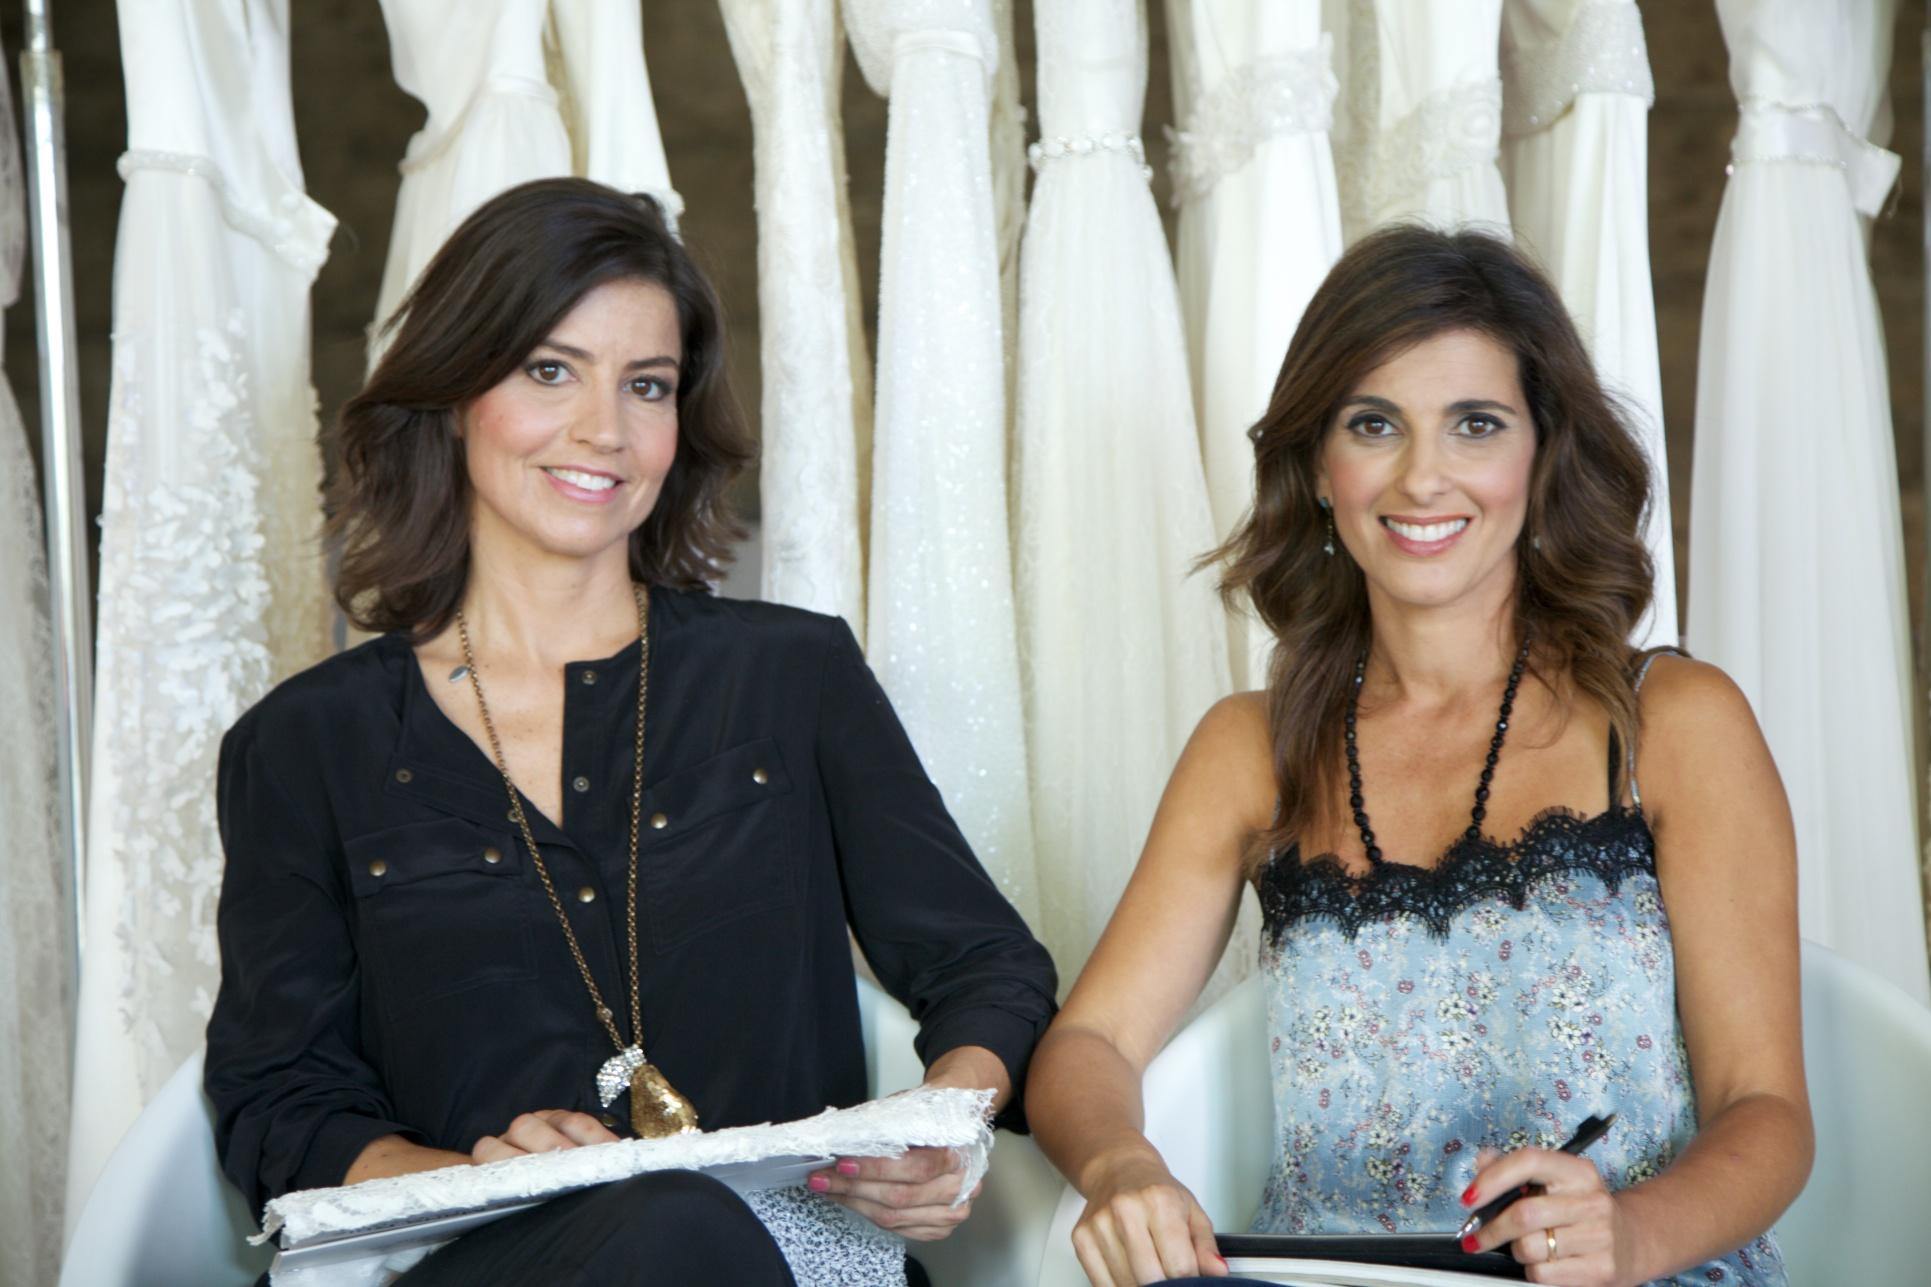 Making of Catálogo 2014 de Joana Montez e Patrícia de Melo